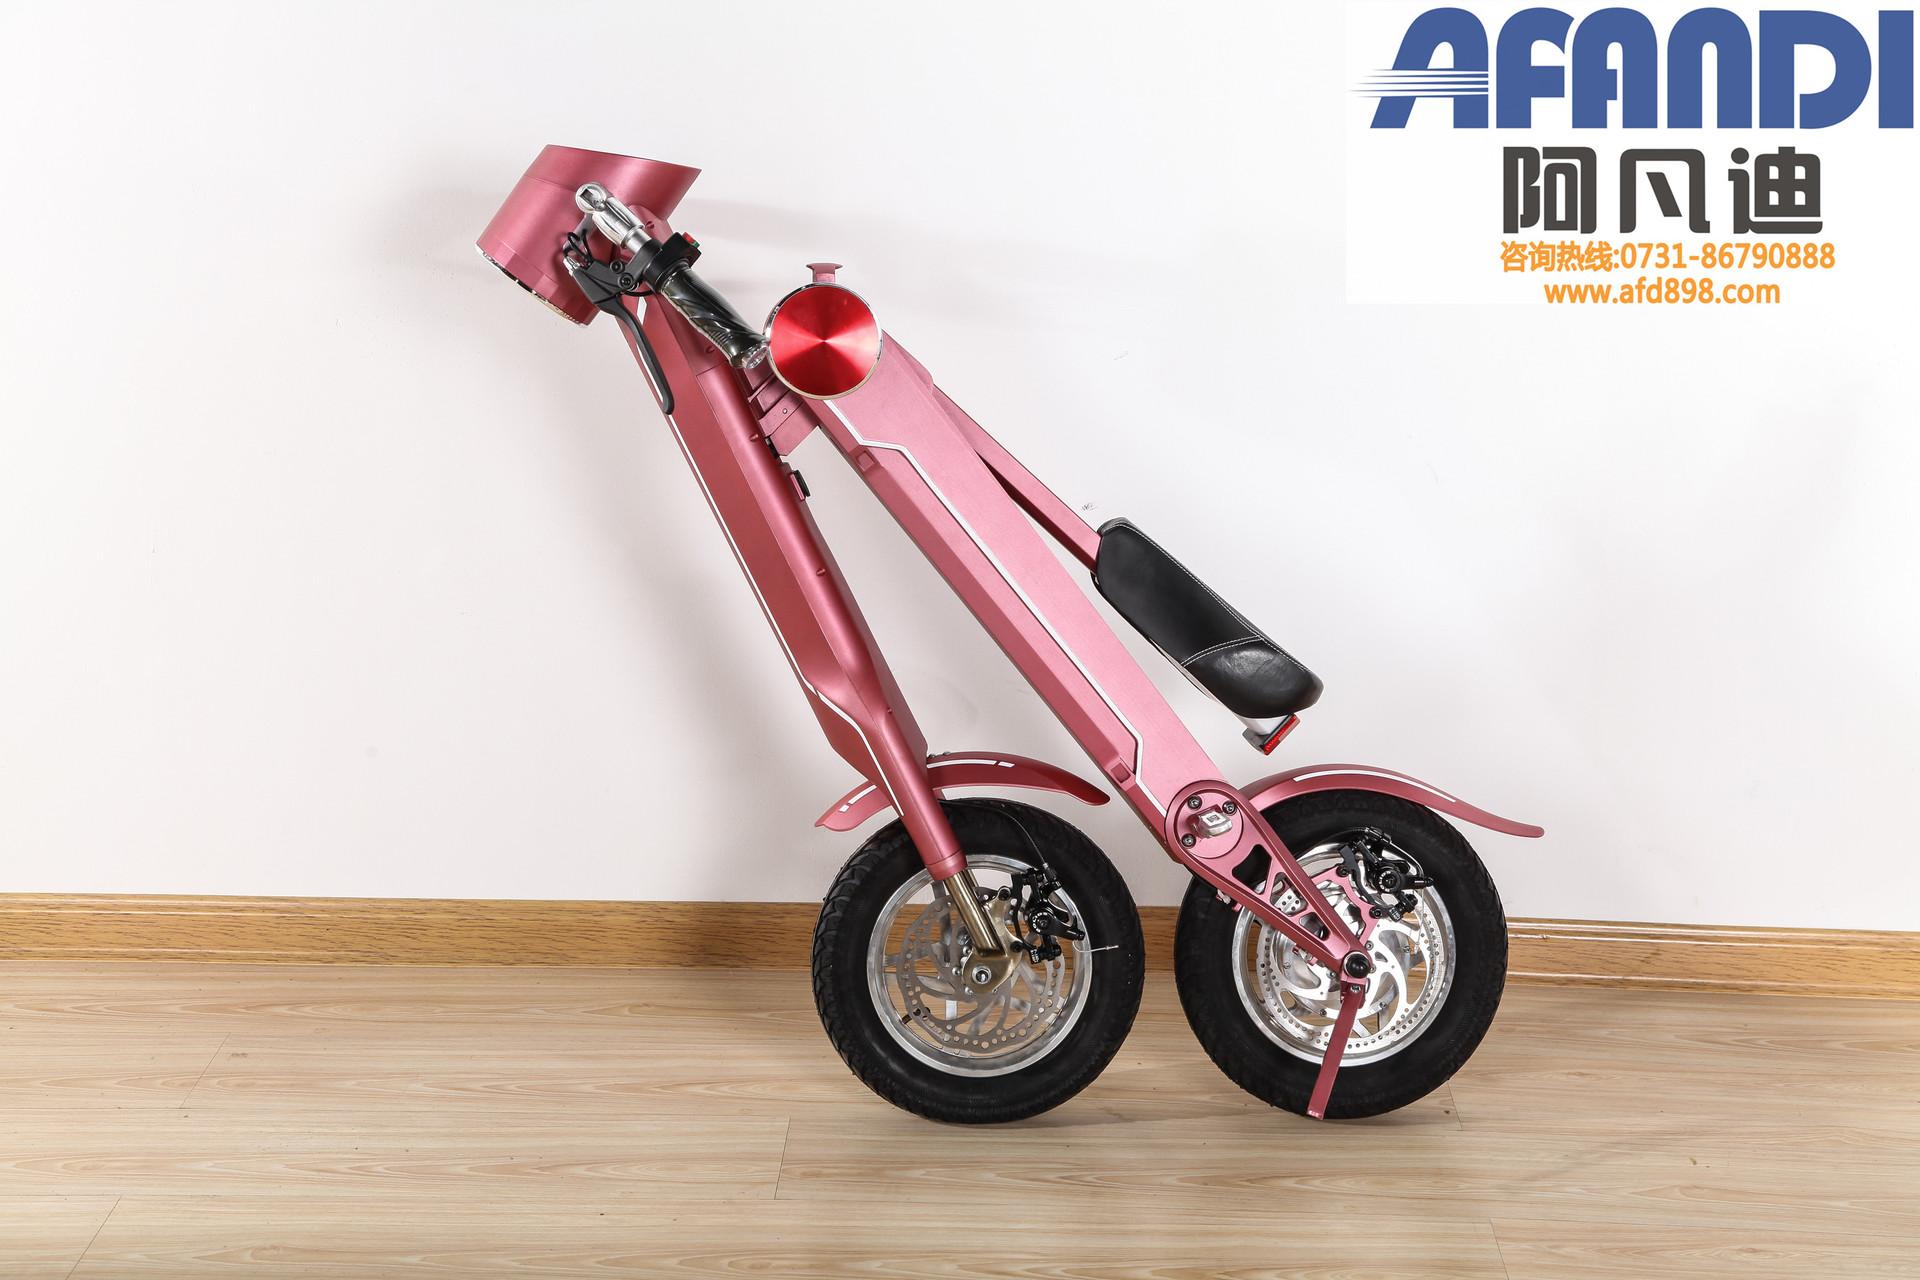 阿凡迪电动滑板车|阿凡迪et电动车豪